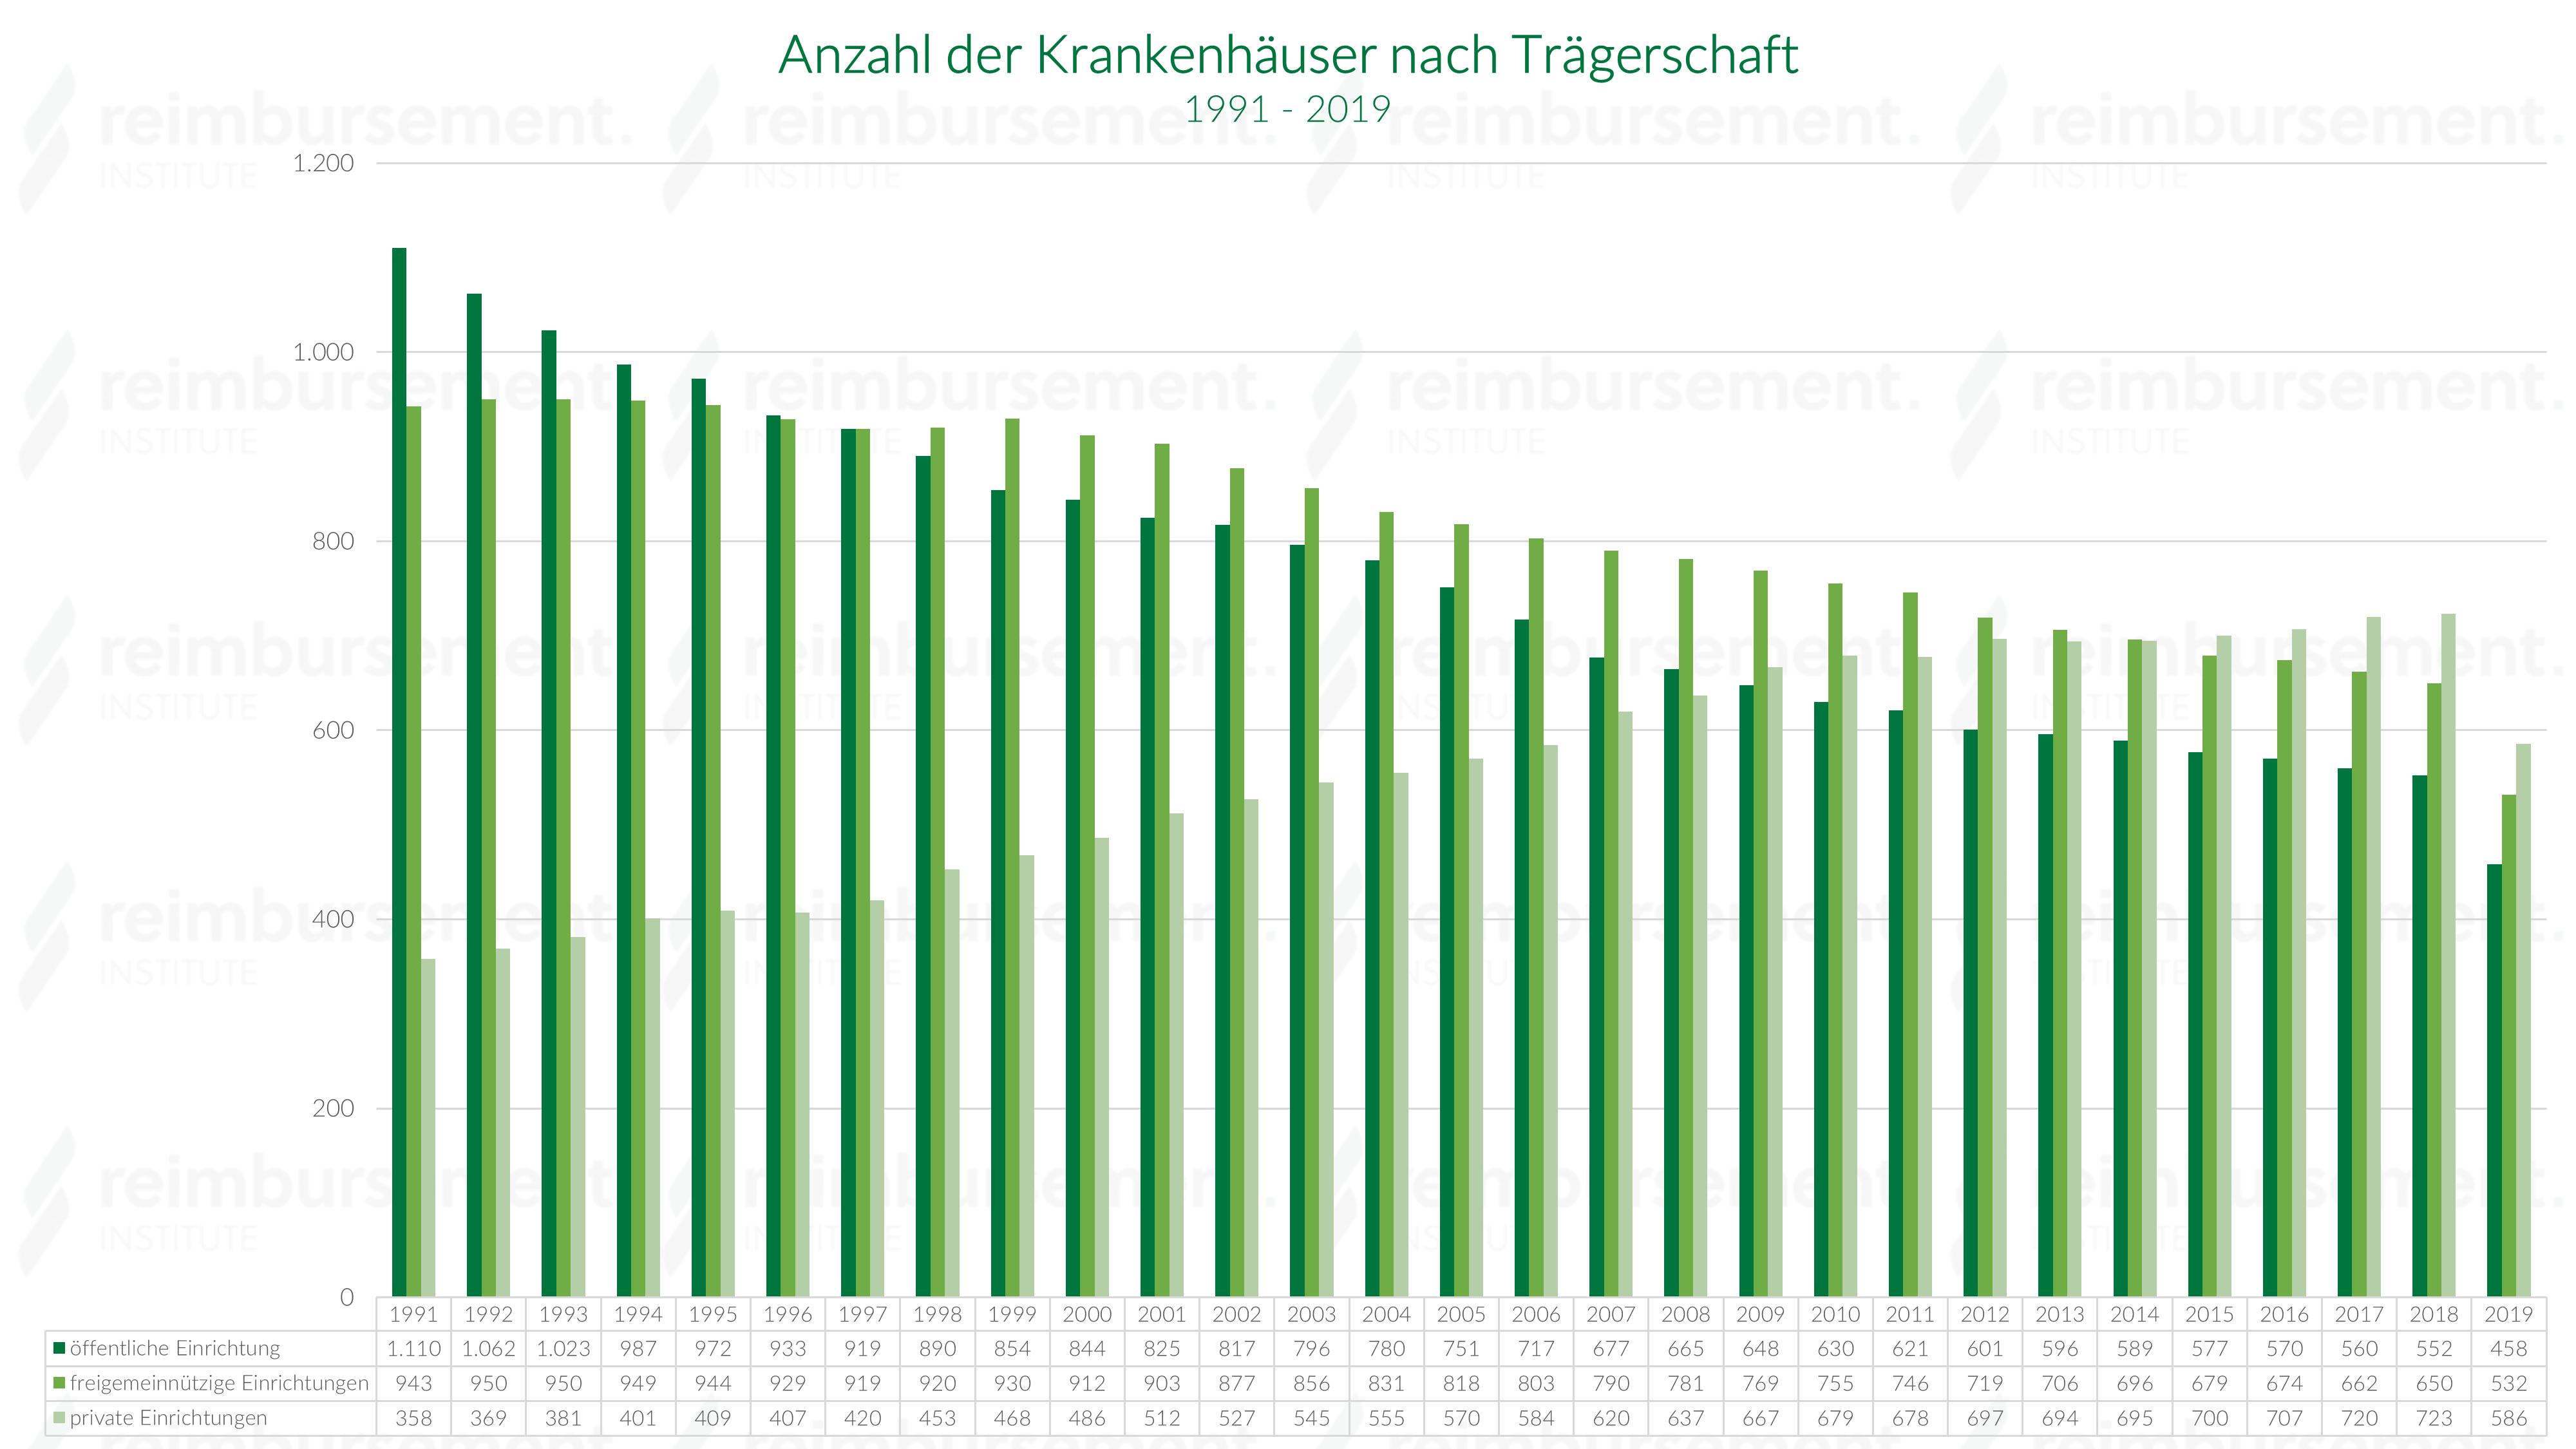 Krankenhausanzahl in Deutschland nach Trägerschaft - 1991 – 2018